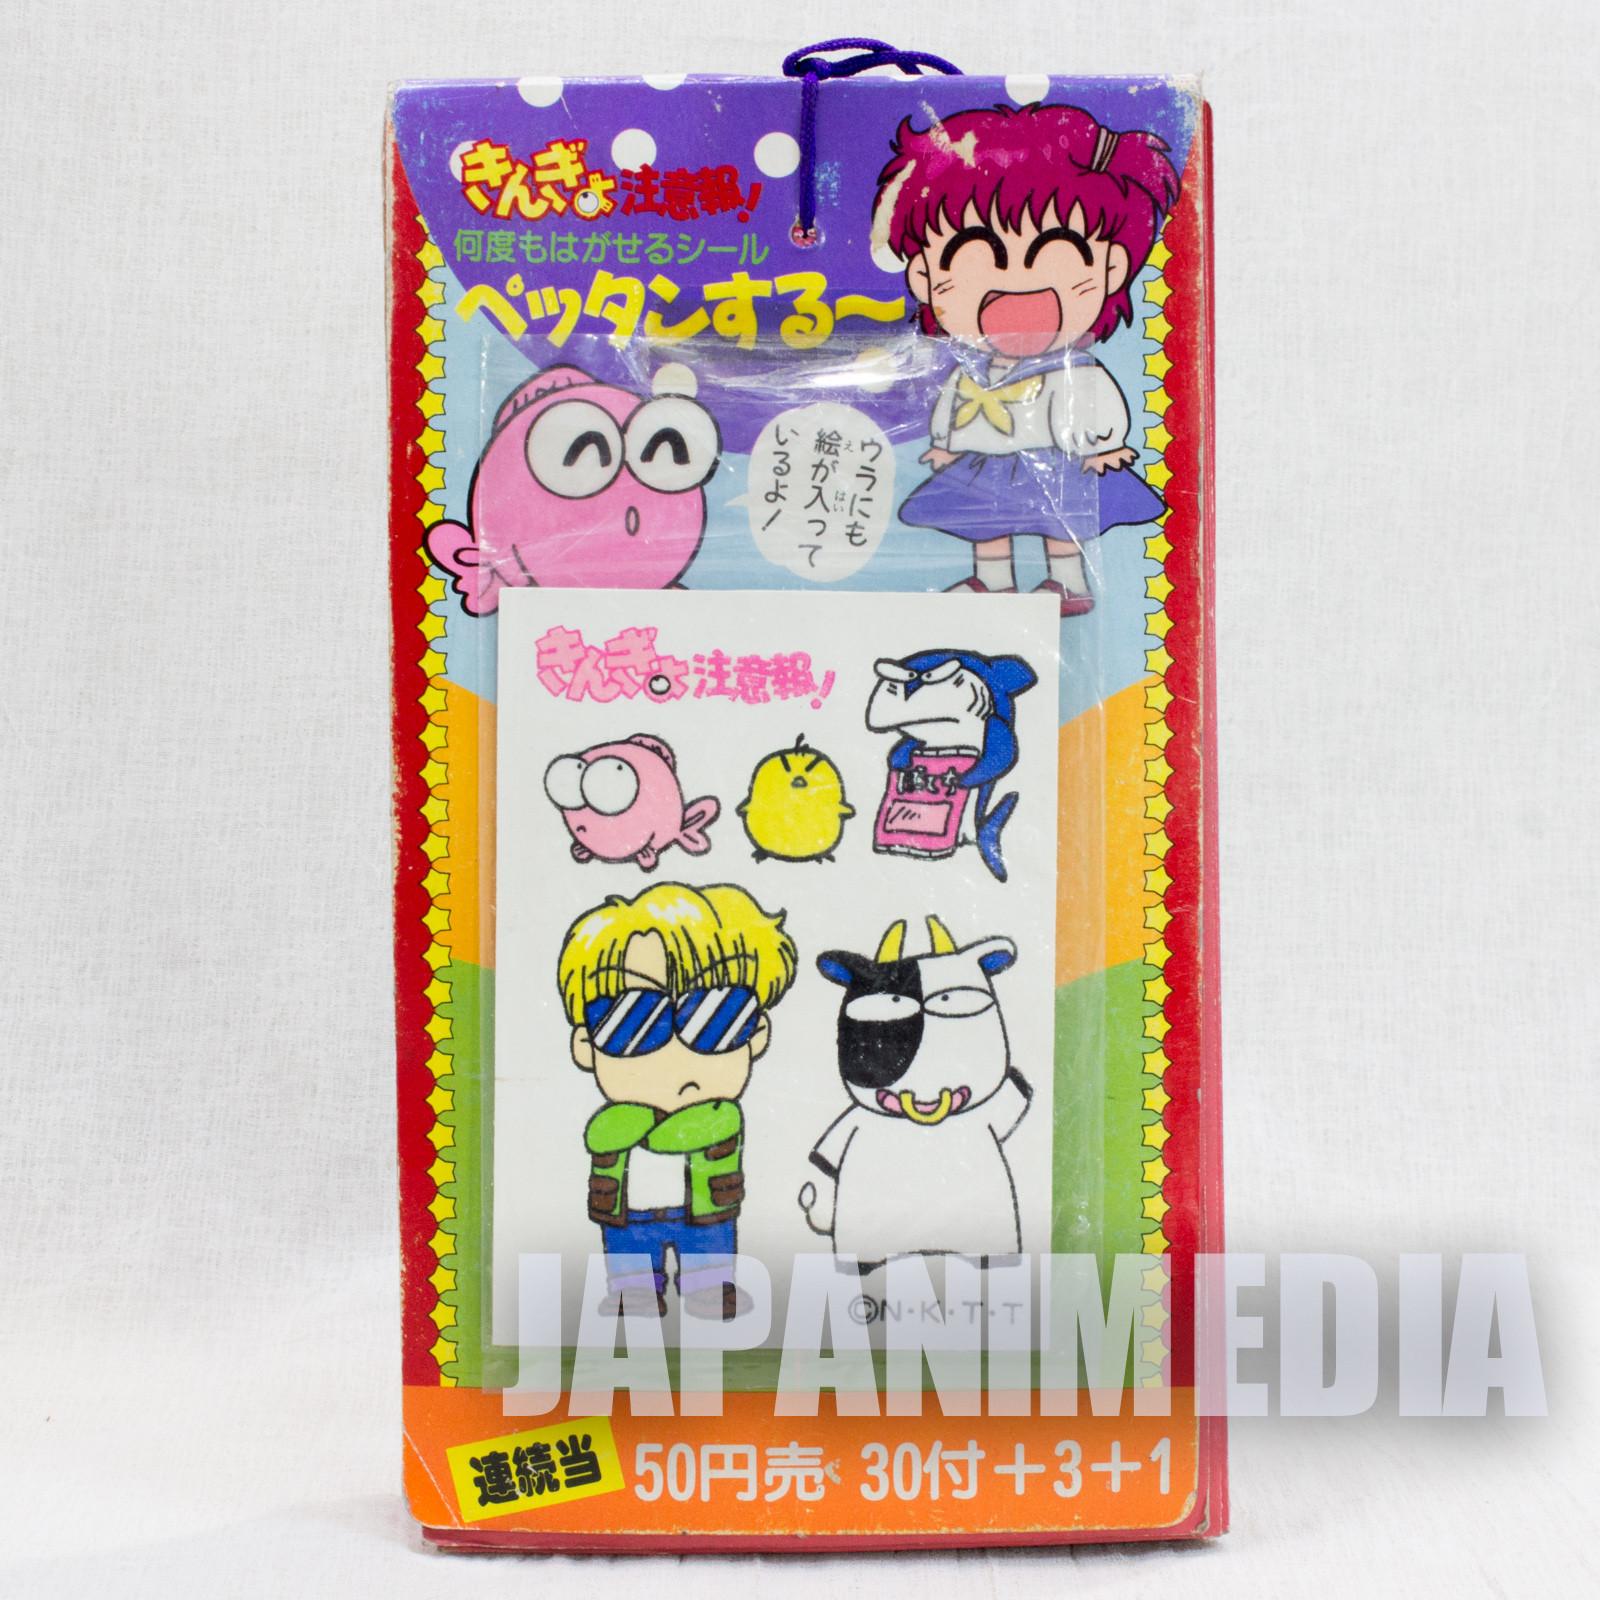 RARE! Goldfish Warning! Sticker sheet 35pc Set JAPAN ANIME MANGA